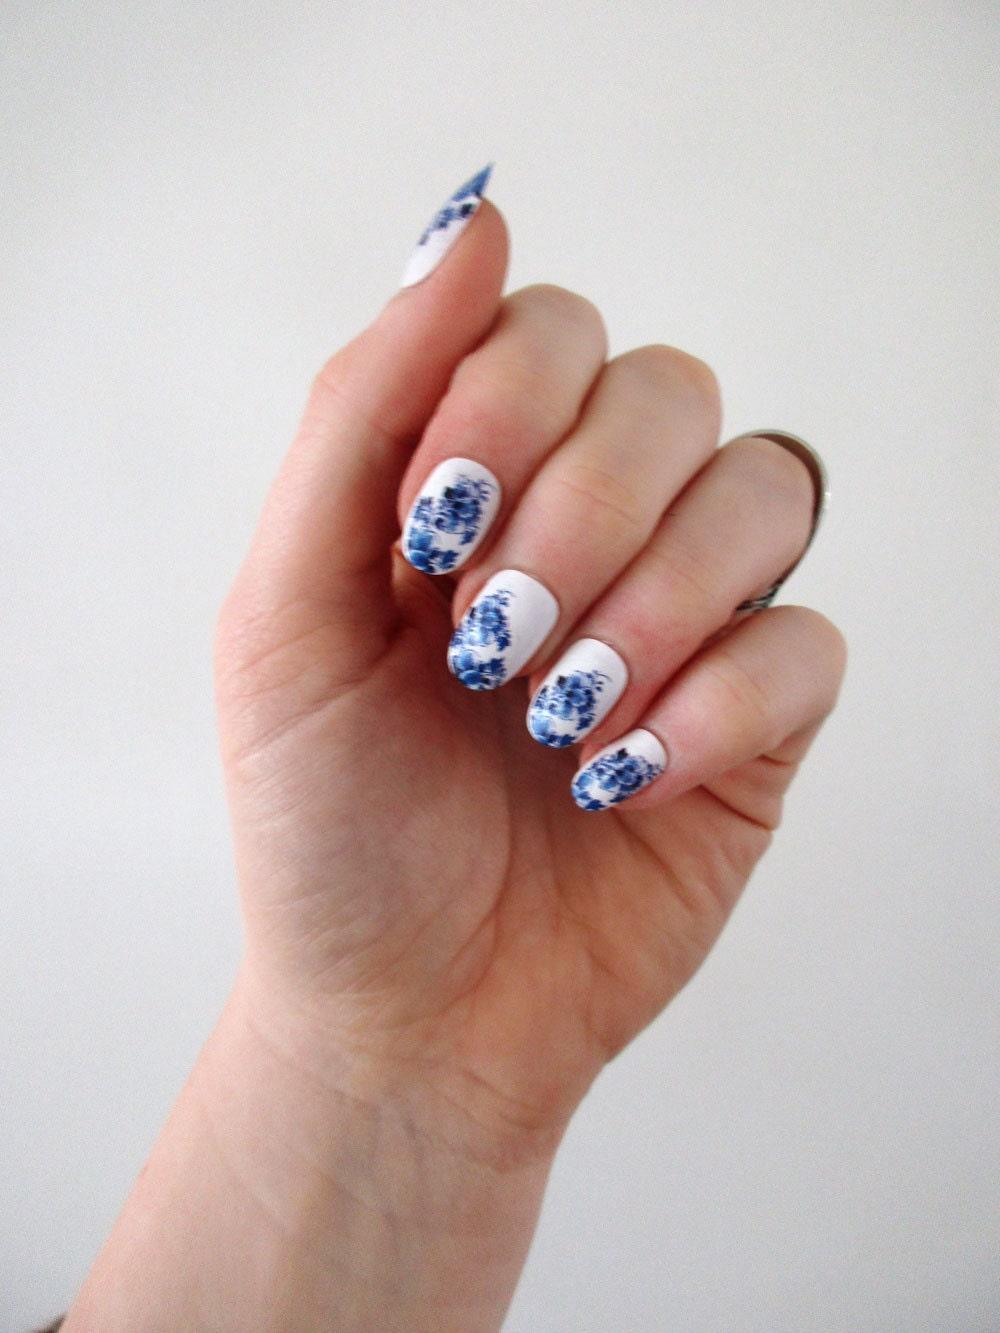 Blue Nail Polish Manicure Designs: Delft Blue Nail Tattoos / Nail Decals / Nail Art / Boho Nails